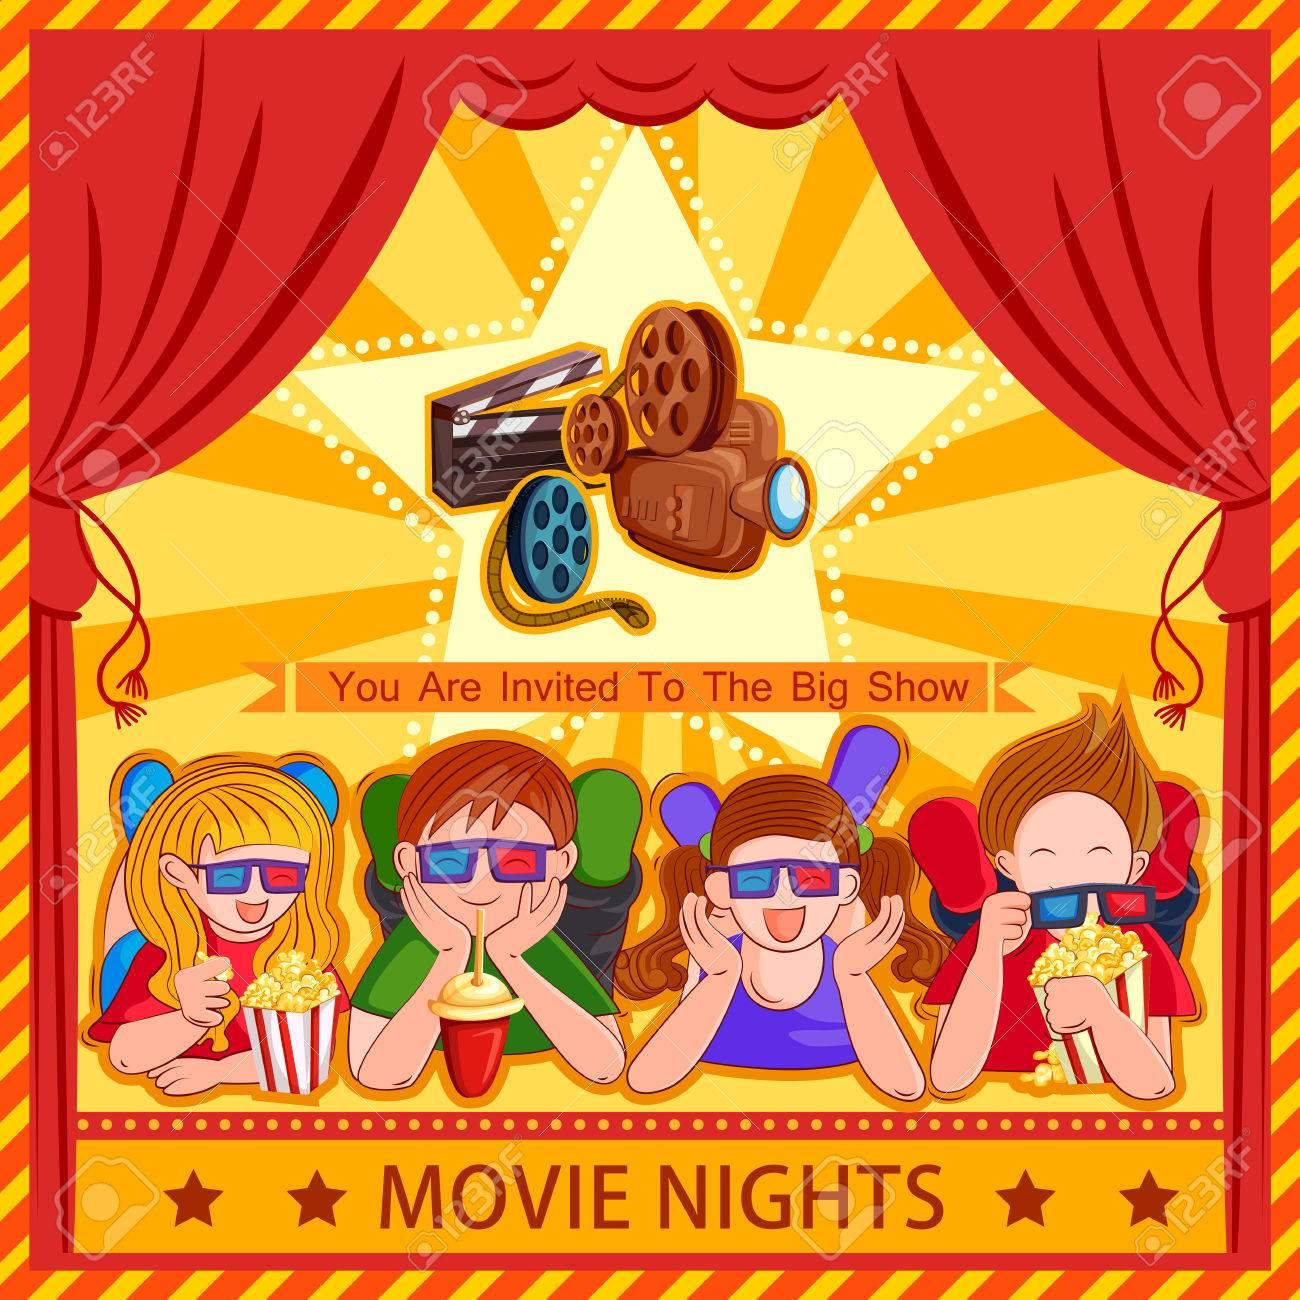 Poster Für Kinder Film Film Festival Party Nacht Lizenzfrei Nutzbare ...